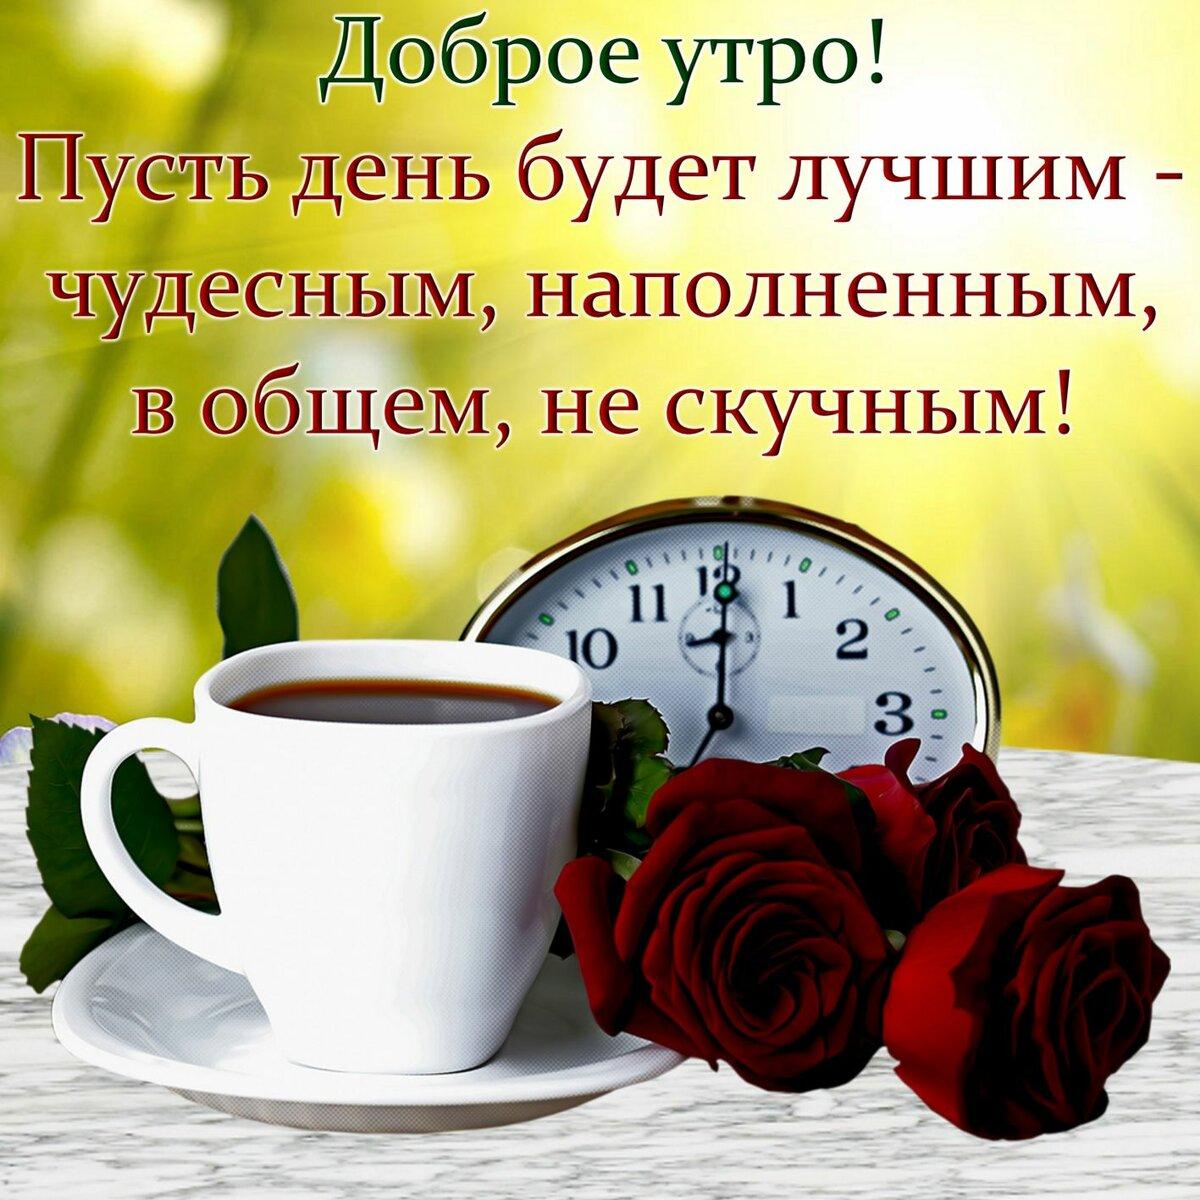 Пожелания с добрым утром девушке в картинках, картинки розами картинки